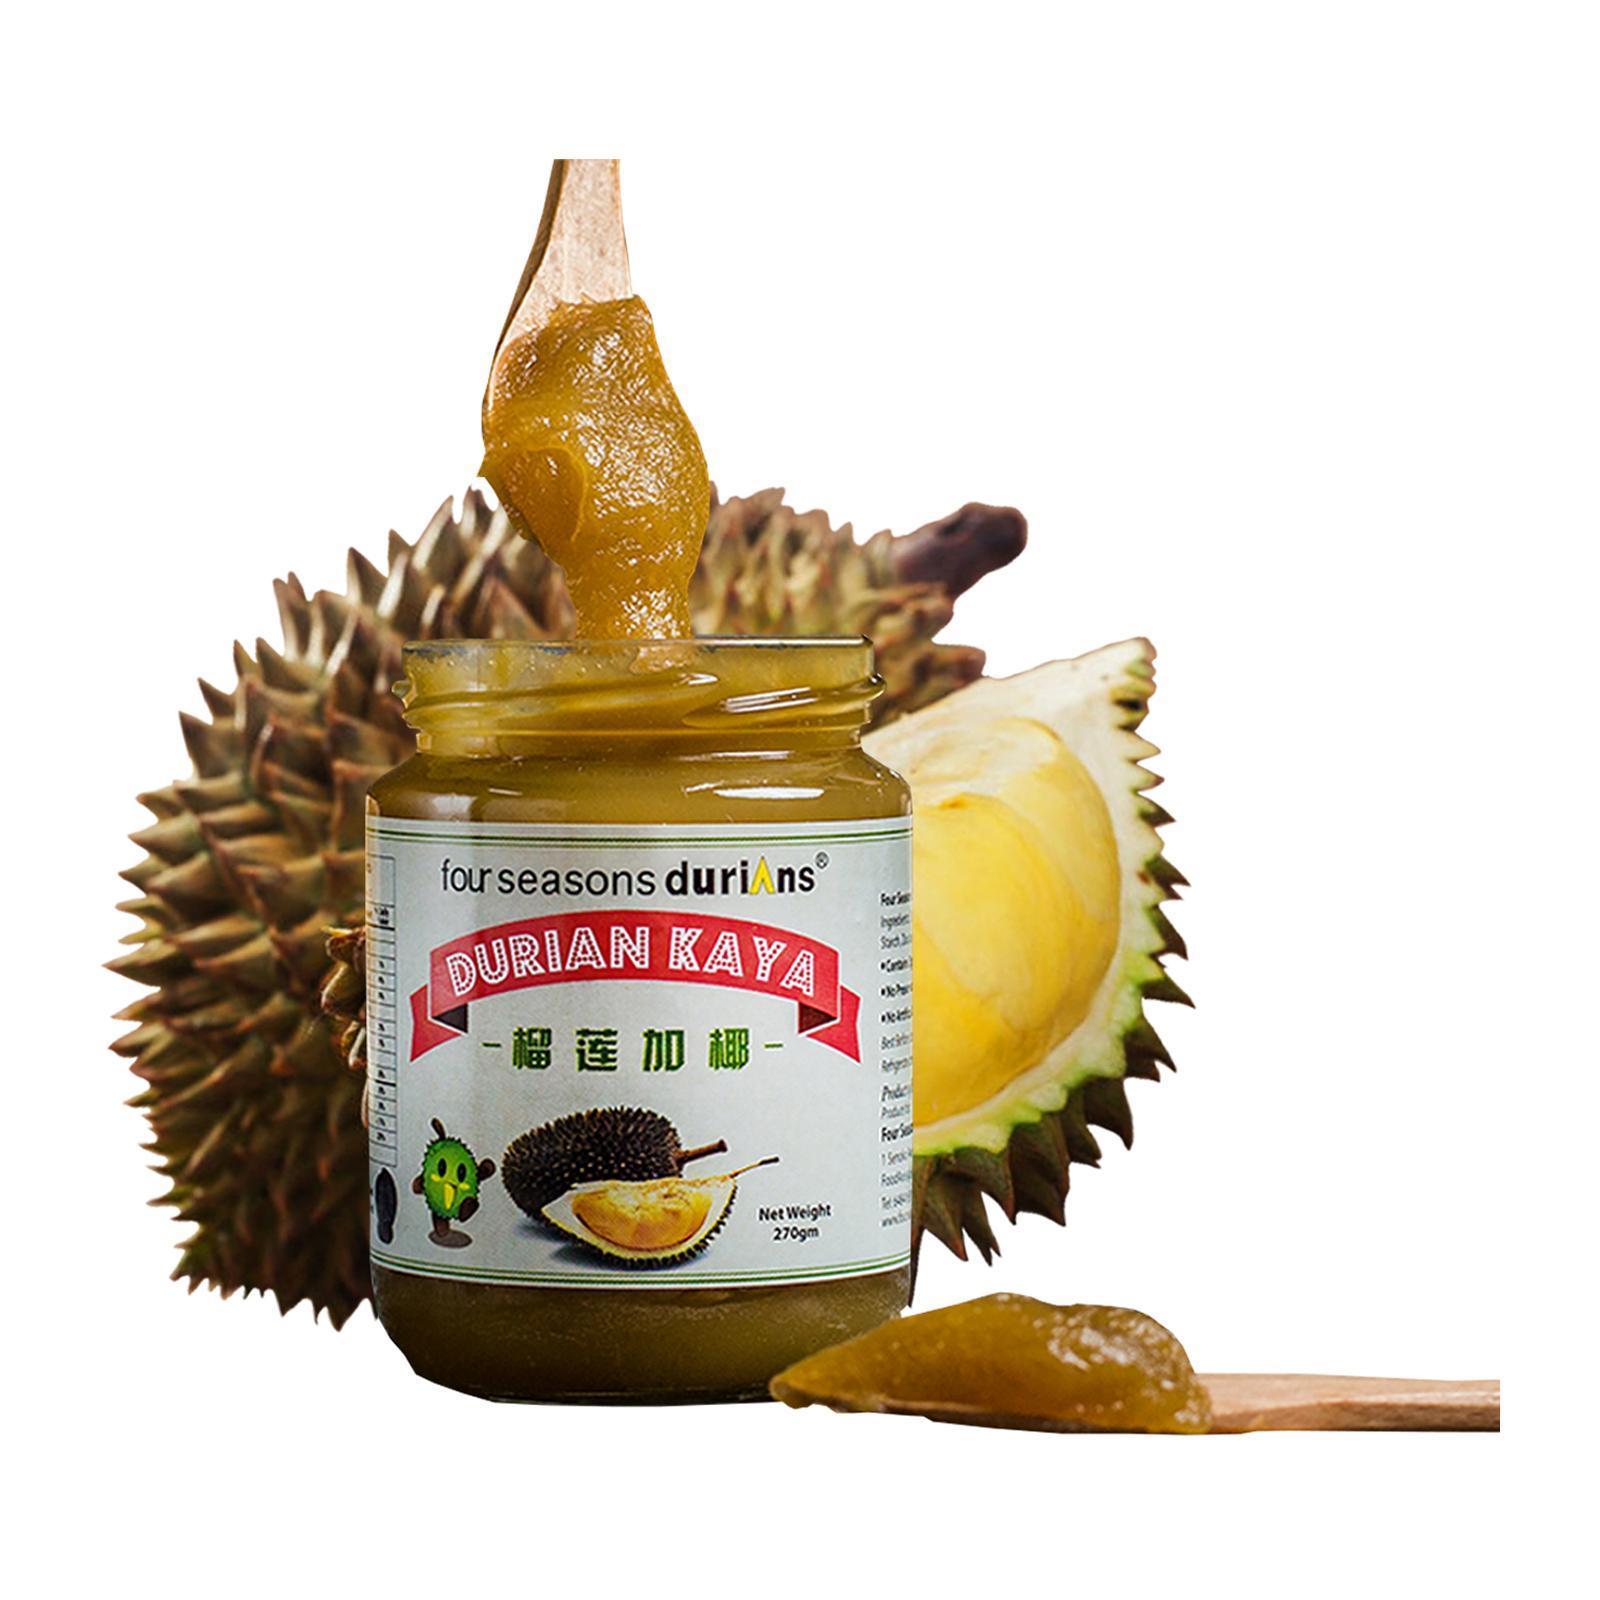 Four Seasons Durians Durian Kaya Bottle 270g